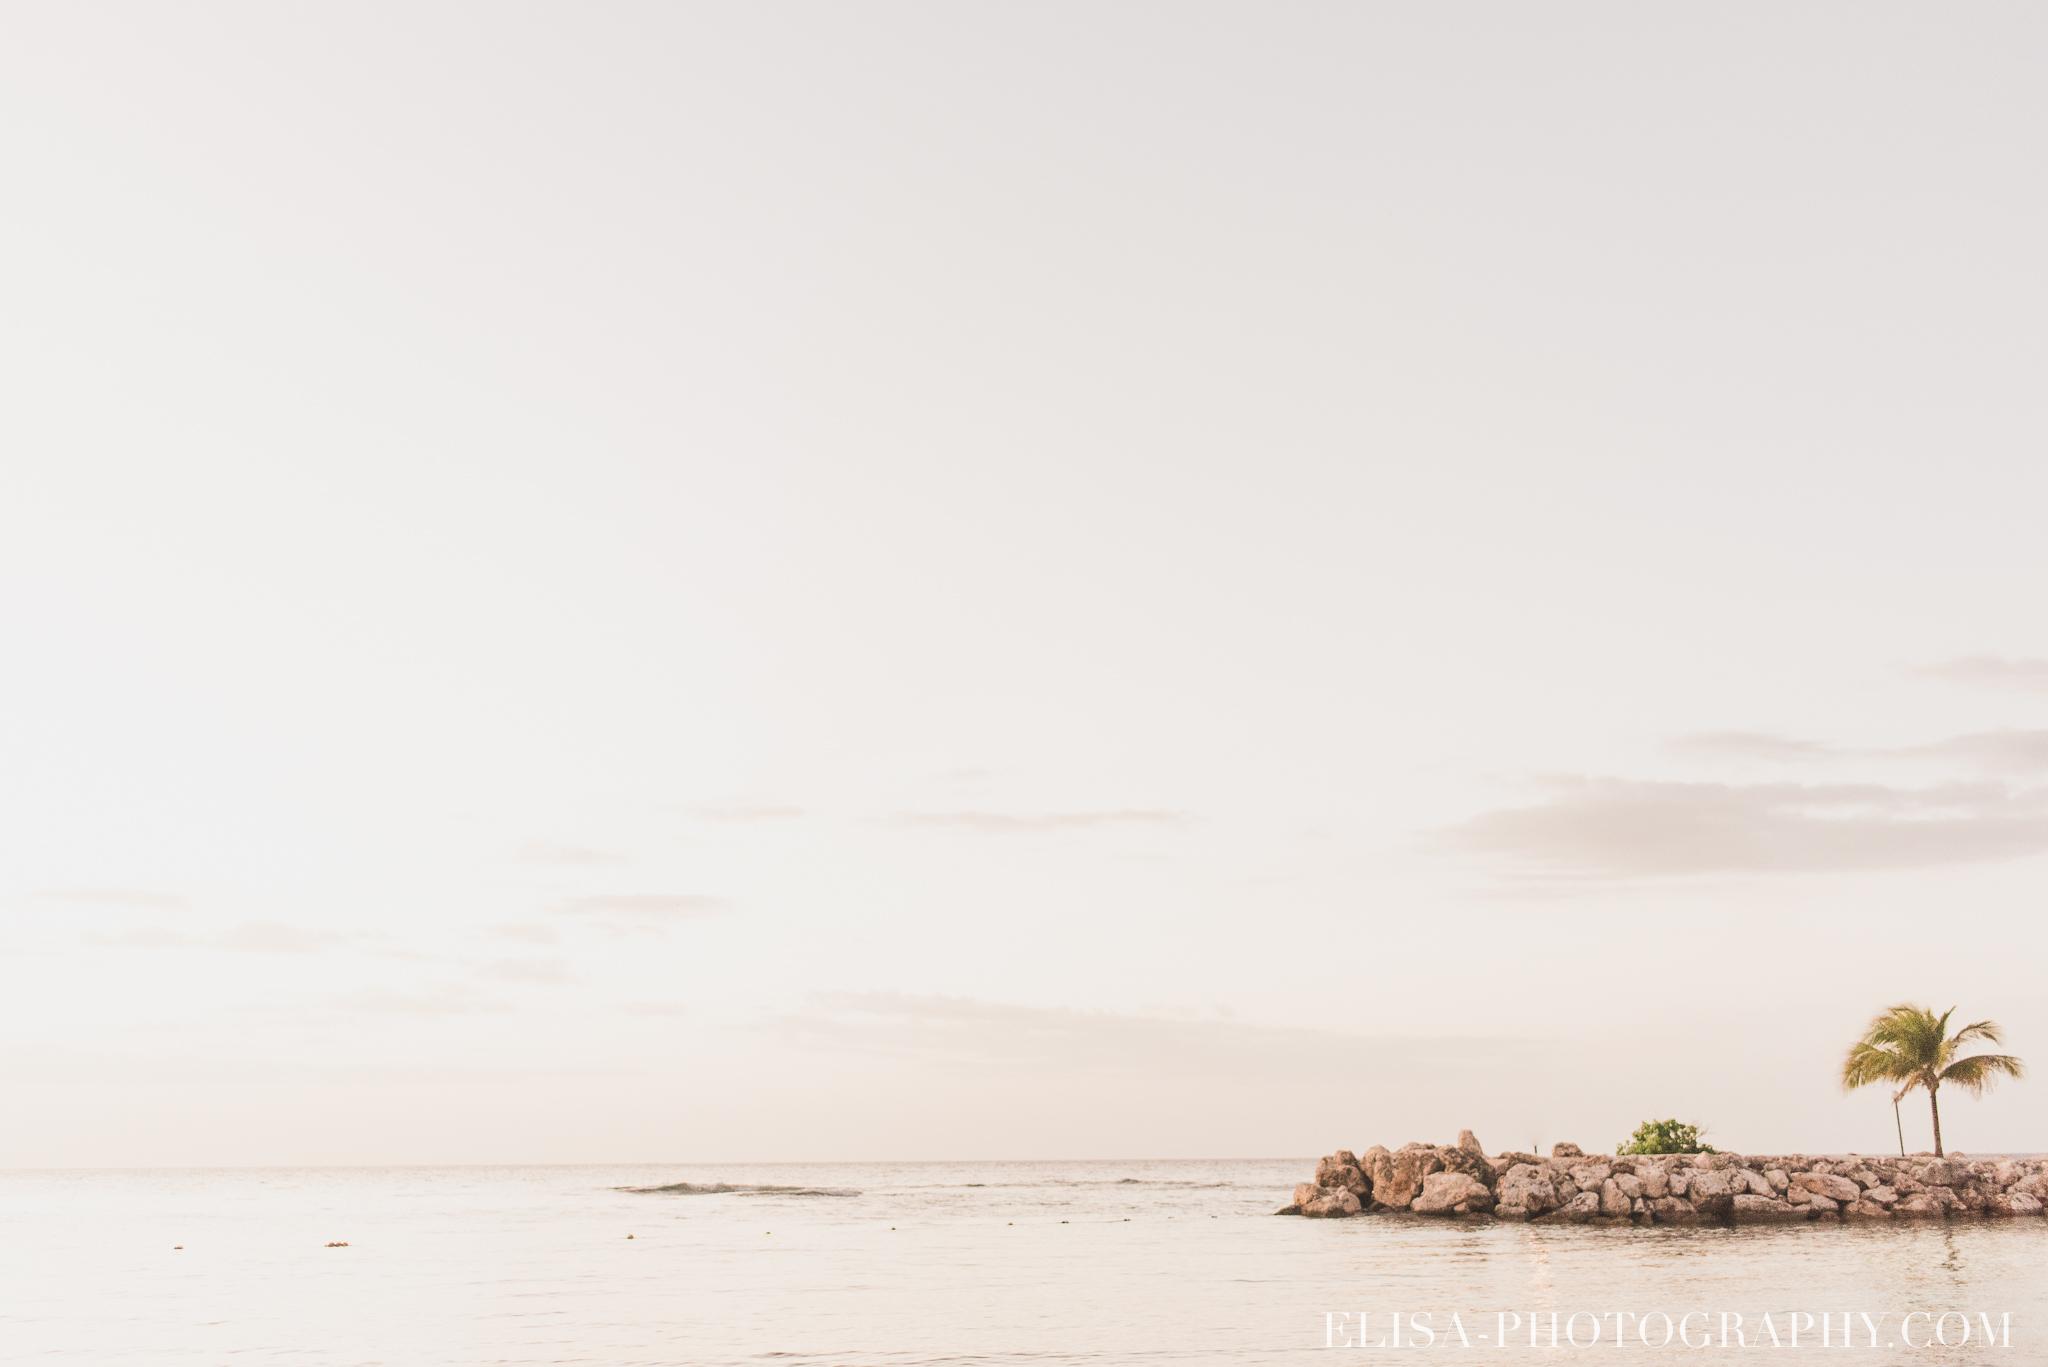 mariage de rêve à destination couple couché de soleil vagues sable plage mer des caraïbes grand bahia principe jamaïque photo 5918 - Un mariage de rêve à destination de la Jamaïque: Mindy & Mathieu